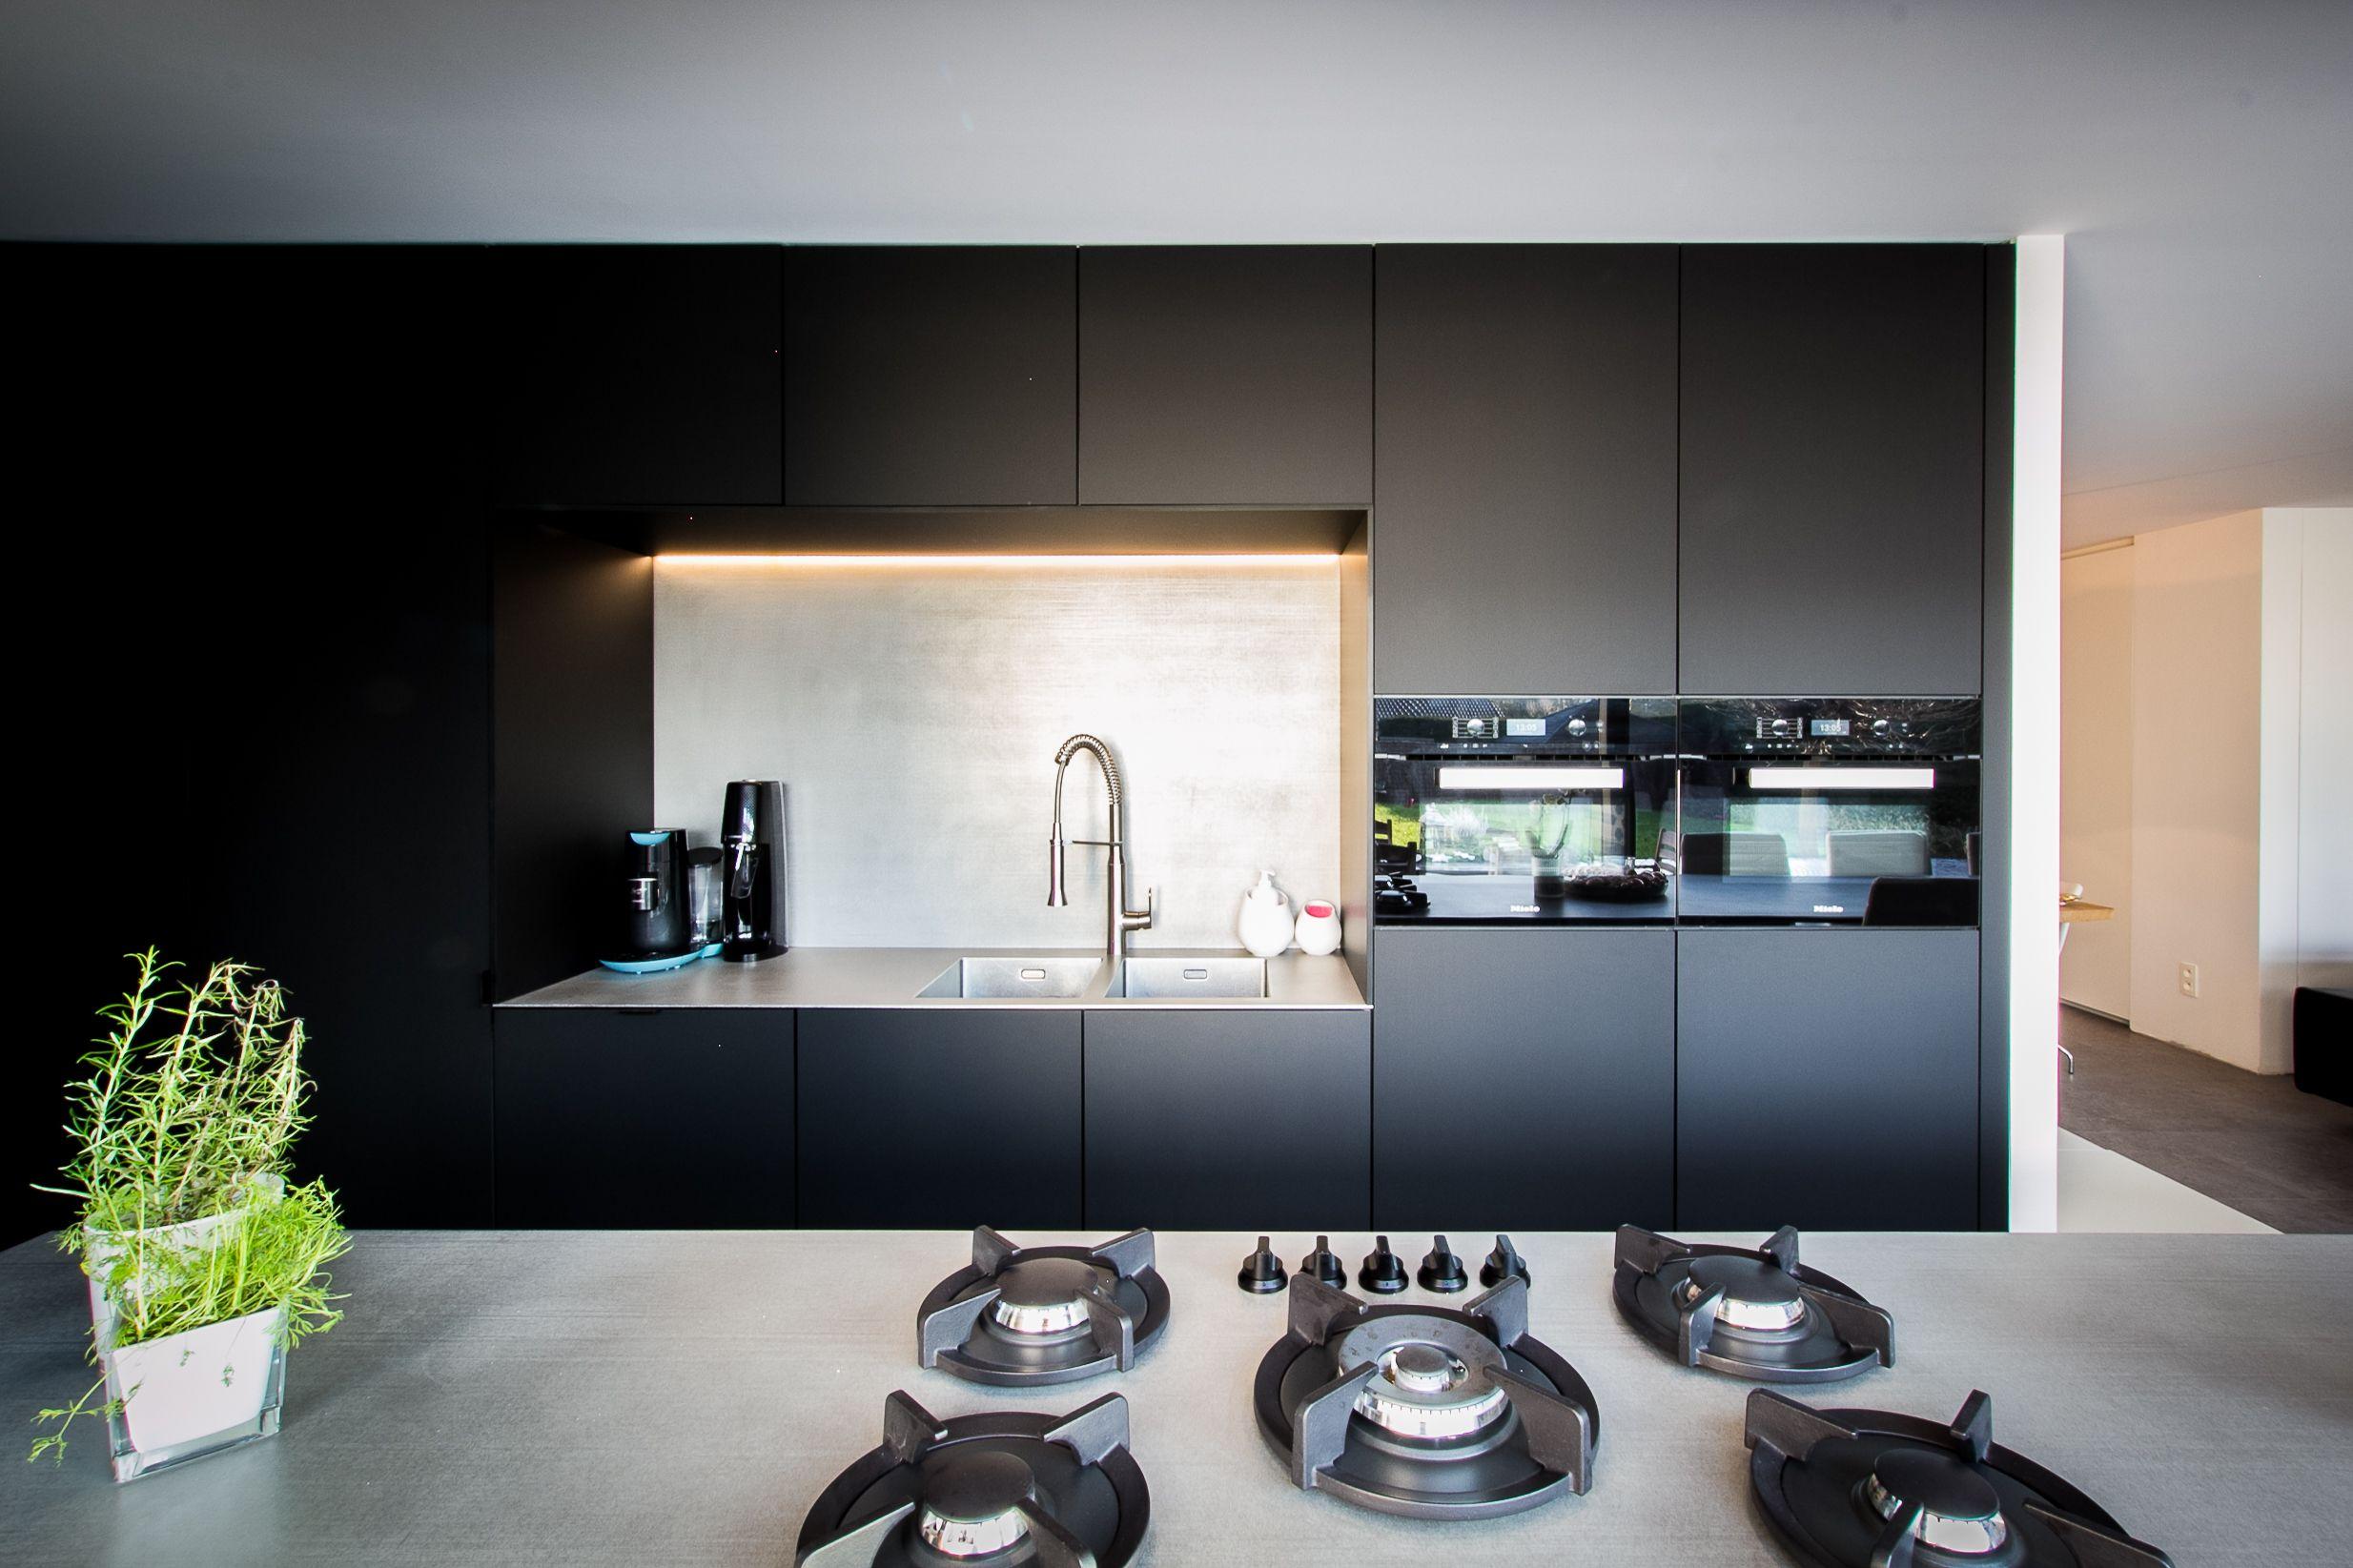 Keuken Kookeiland Zwart : Keukeninspiratie moderne open keuken in het zwart zwarte keuken